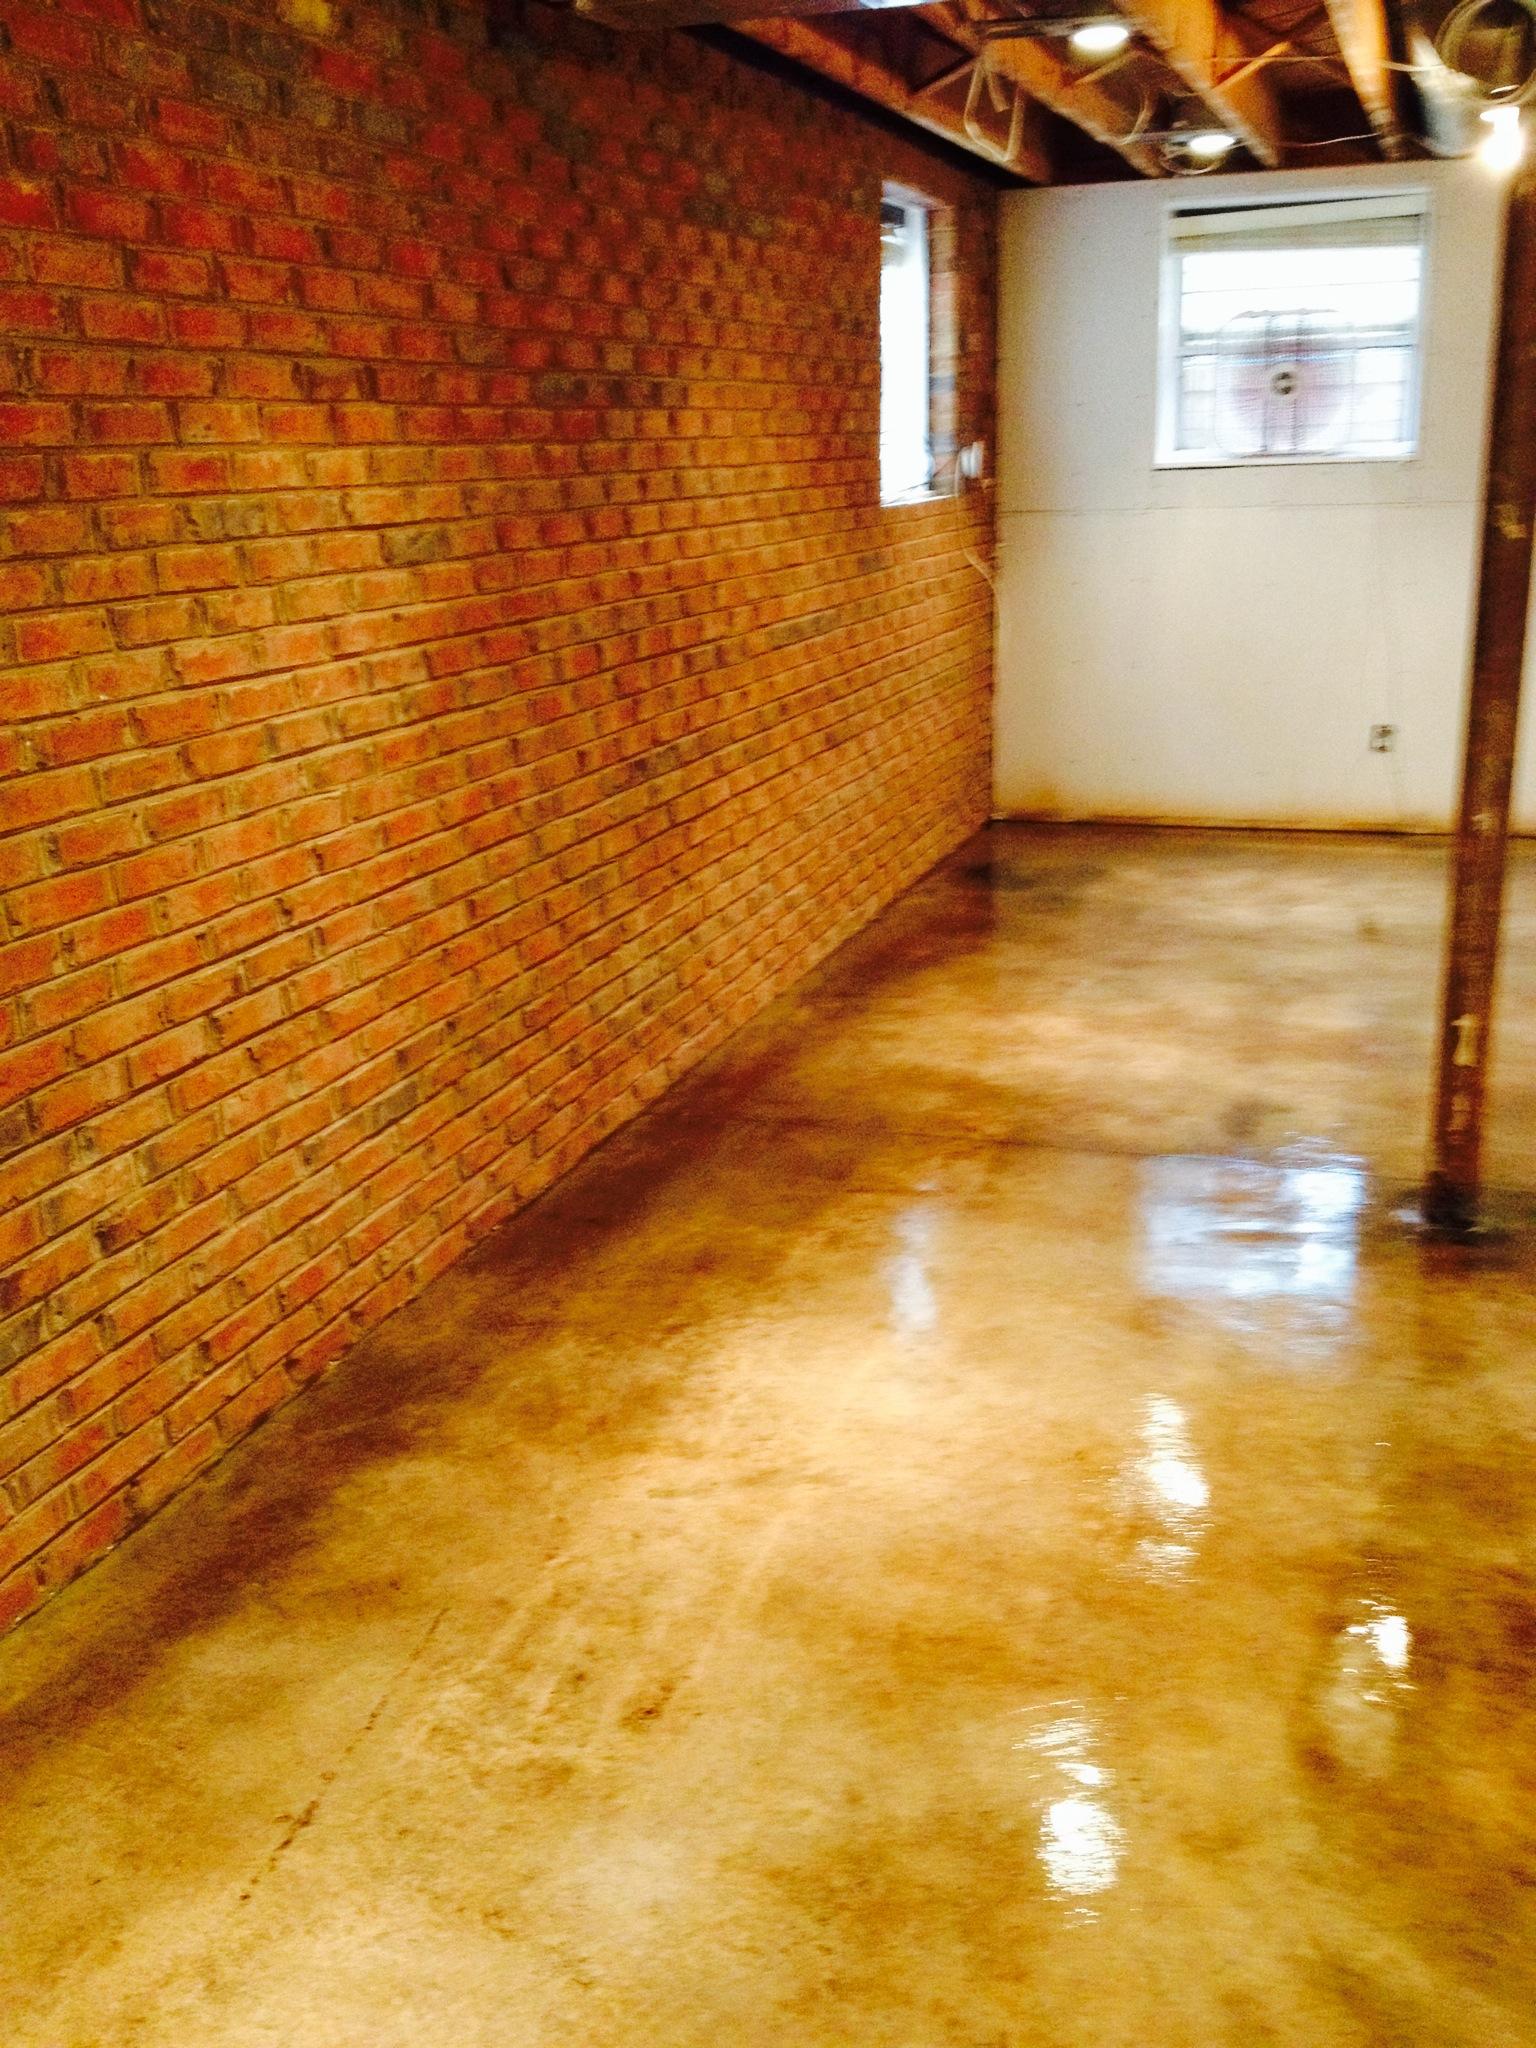 Basement floor renovation